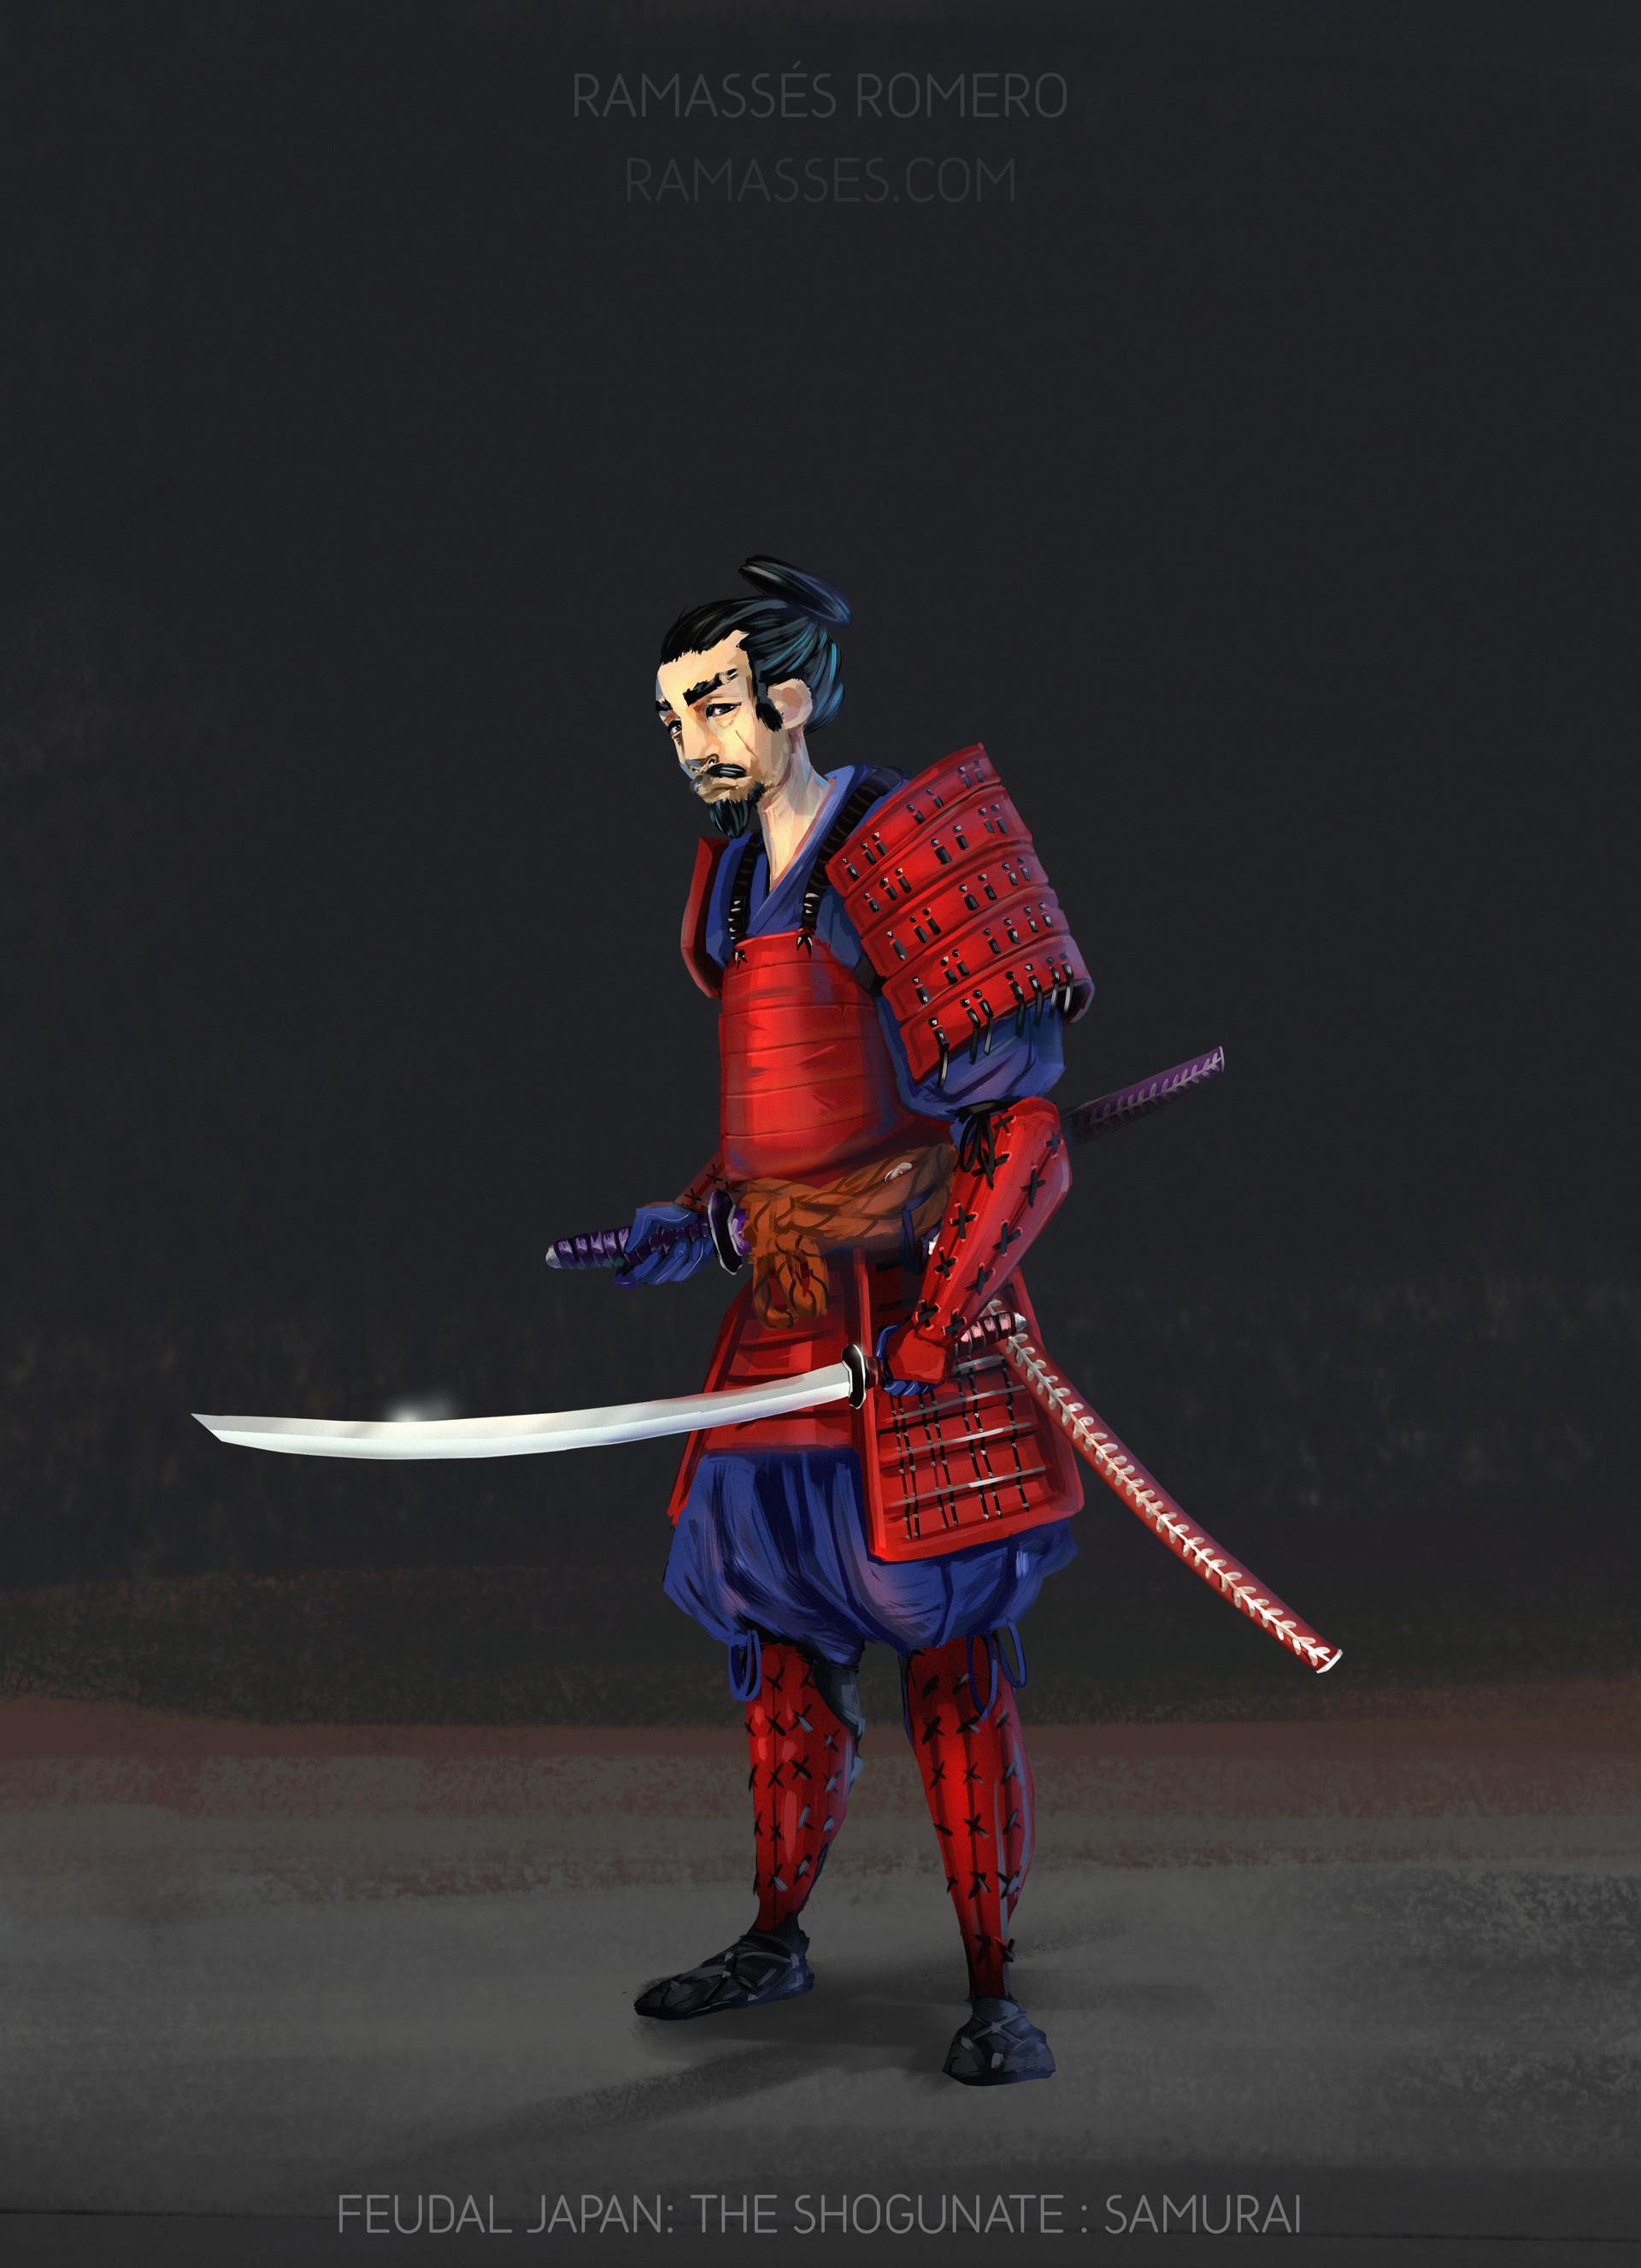 Ramasses romero shogunateexport samurai